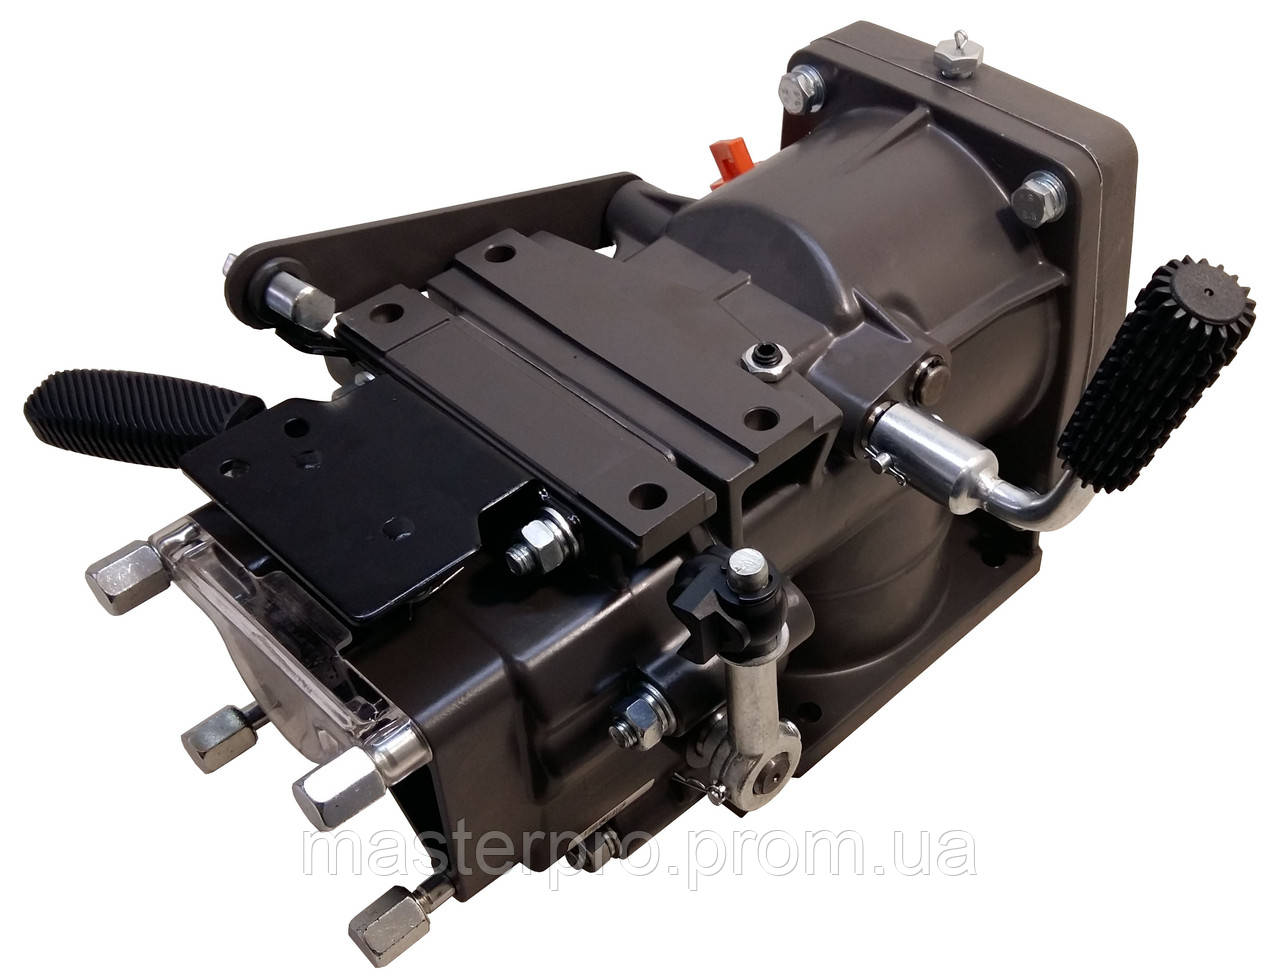 Коробка передач Weima 6-скоростей (Ходоуменьшитель)